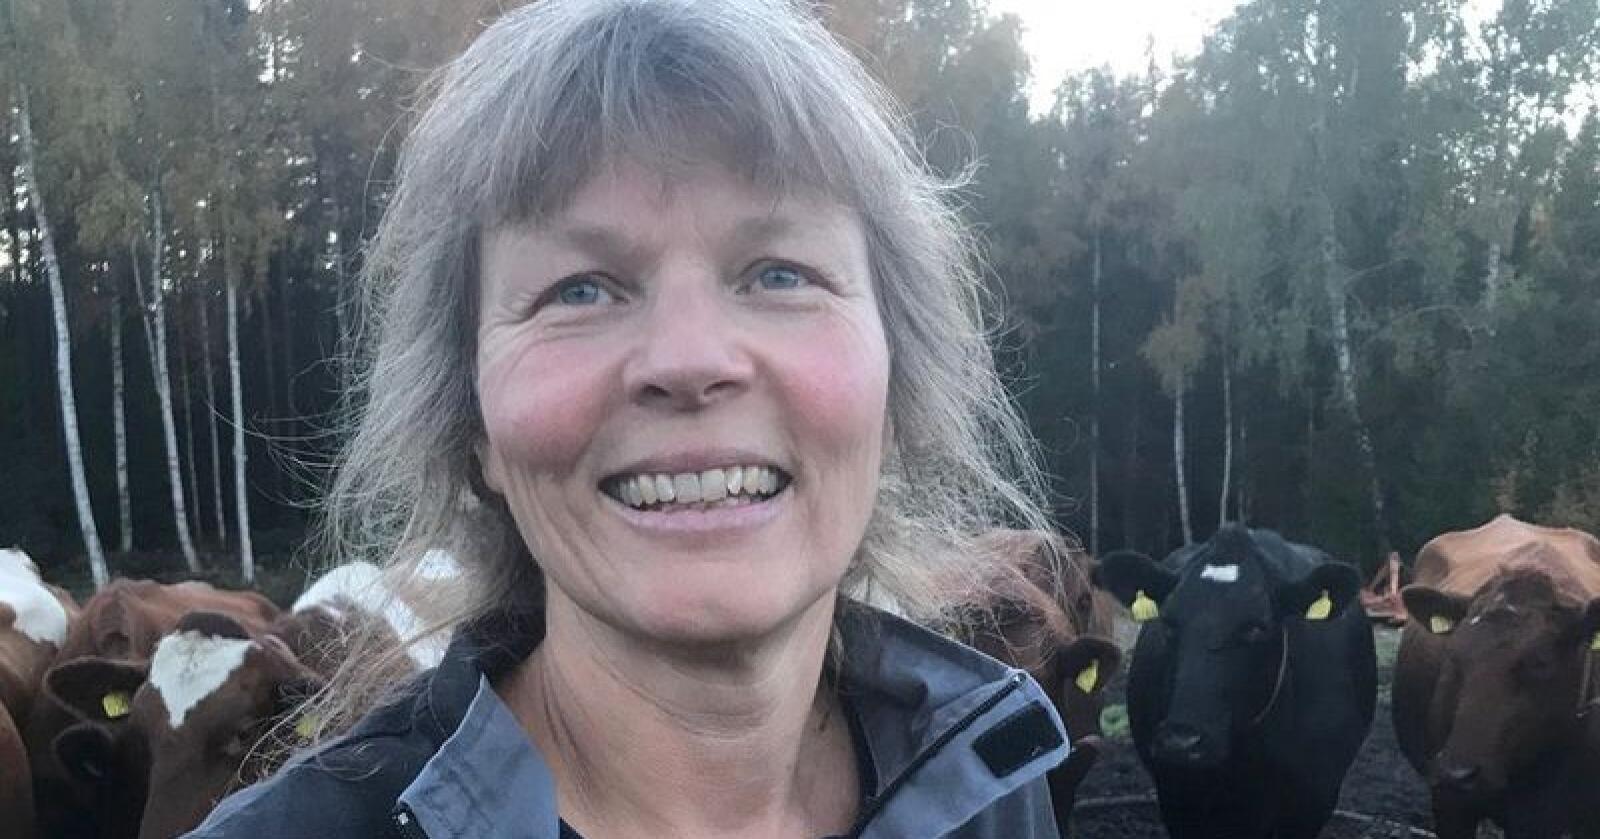 Kjersti Hoff, leder av Småbrukarlaget, inngikk ikke avtale med staten om hvordan kuttet i melkeproduksjon skal gjennomføres. (Pressebilde)